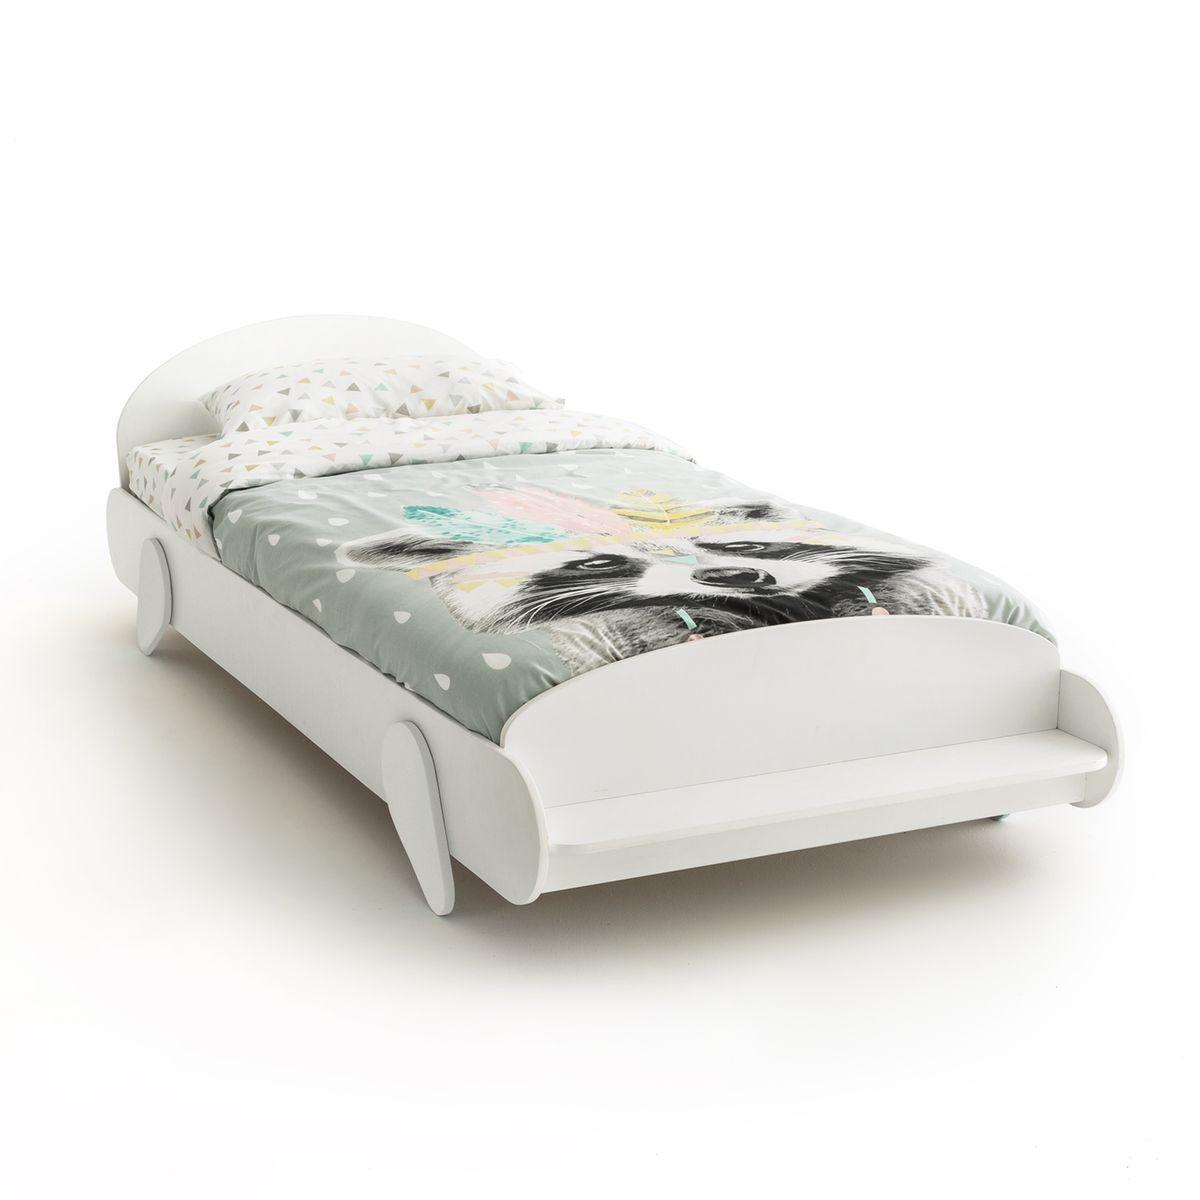 lit enfant banc avec sommier nutteo la redoute interieurs. Black Bedroom Furniture Sets. Home Design Ideas